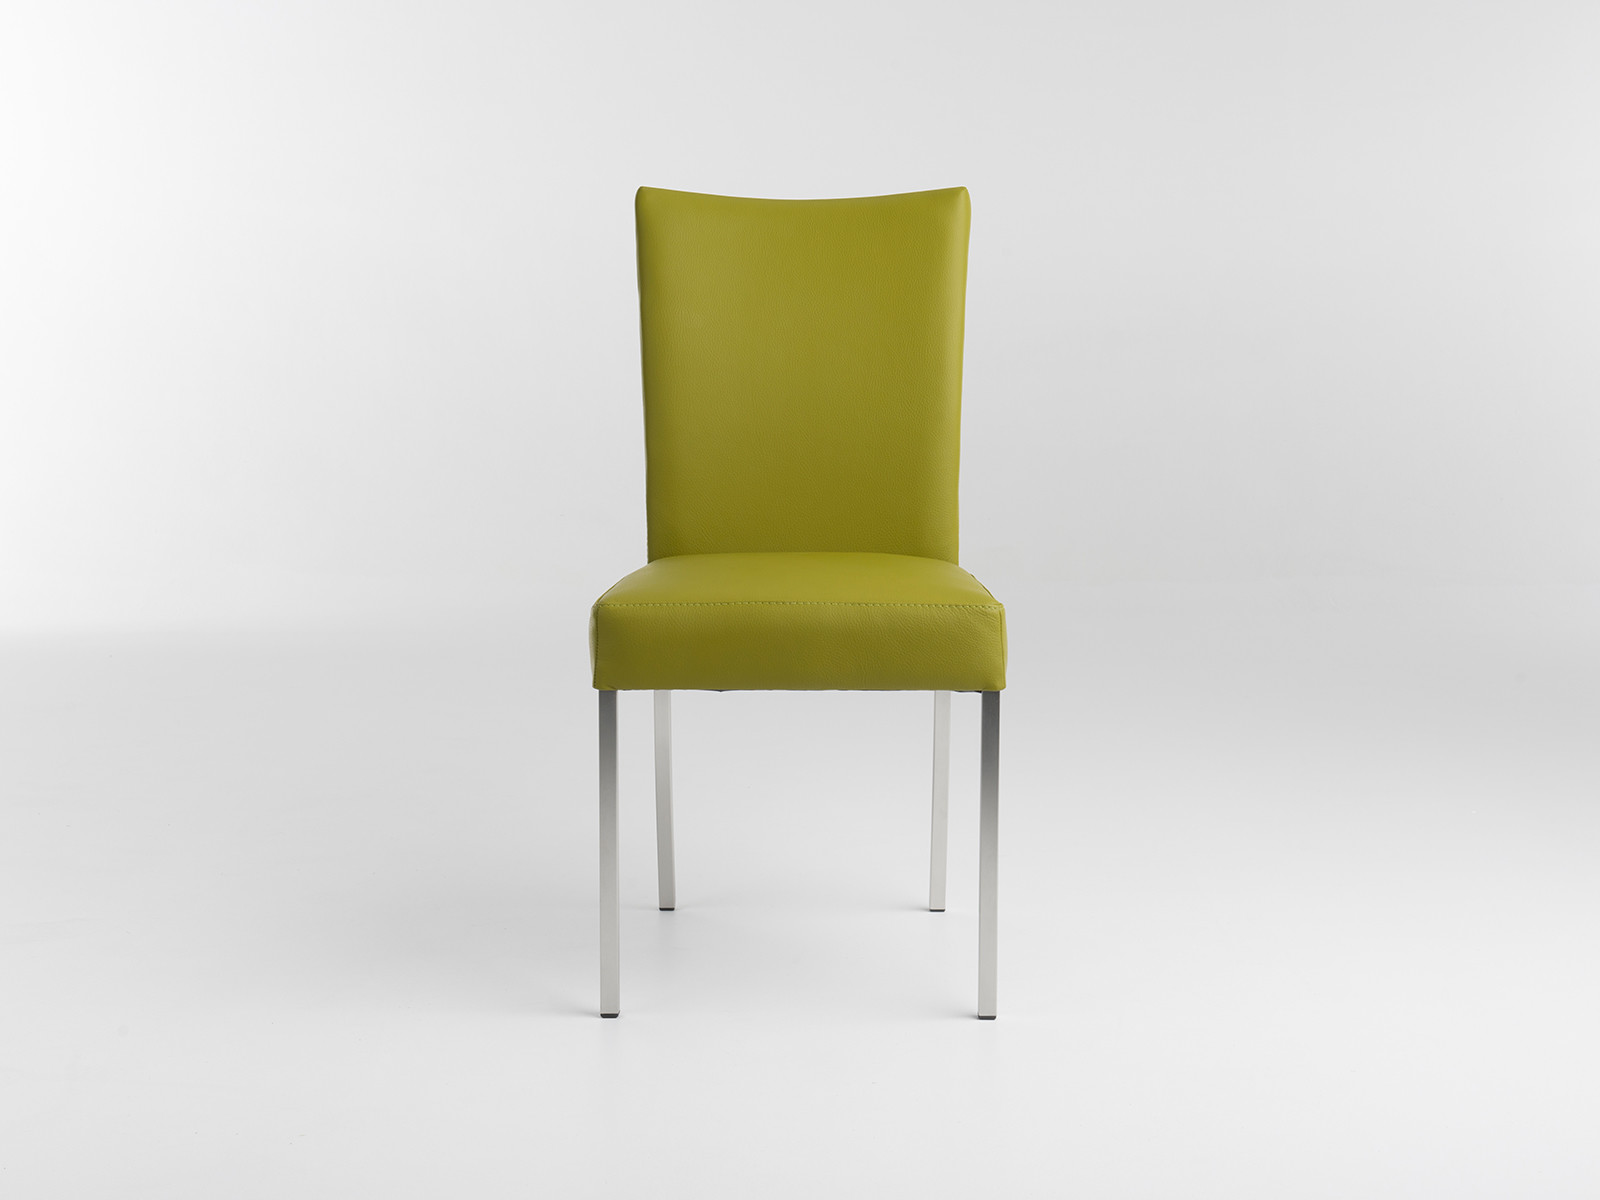 Stühle James von Bert Plantagie 05